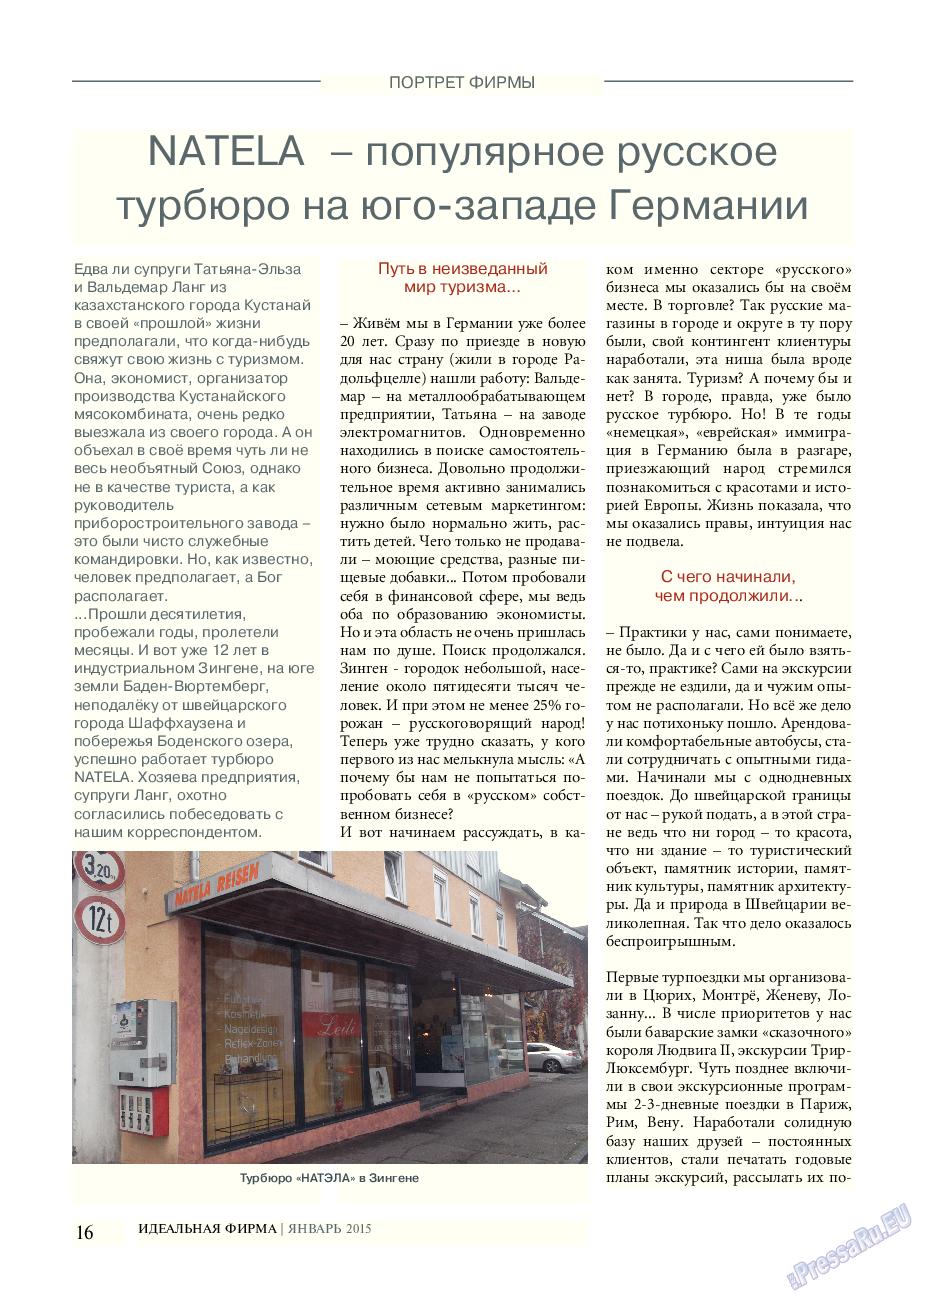 Идеальная фирма (журнал). 2015 год, номер 1, стр. 16